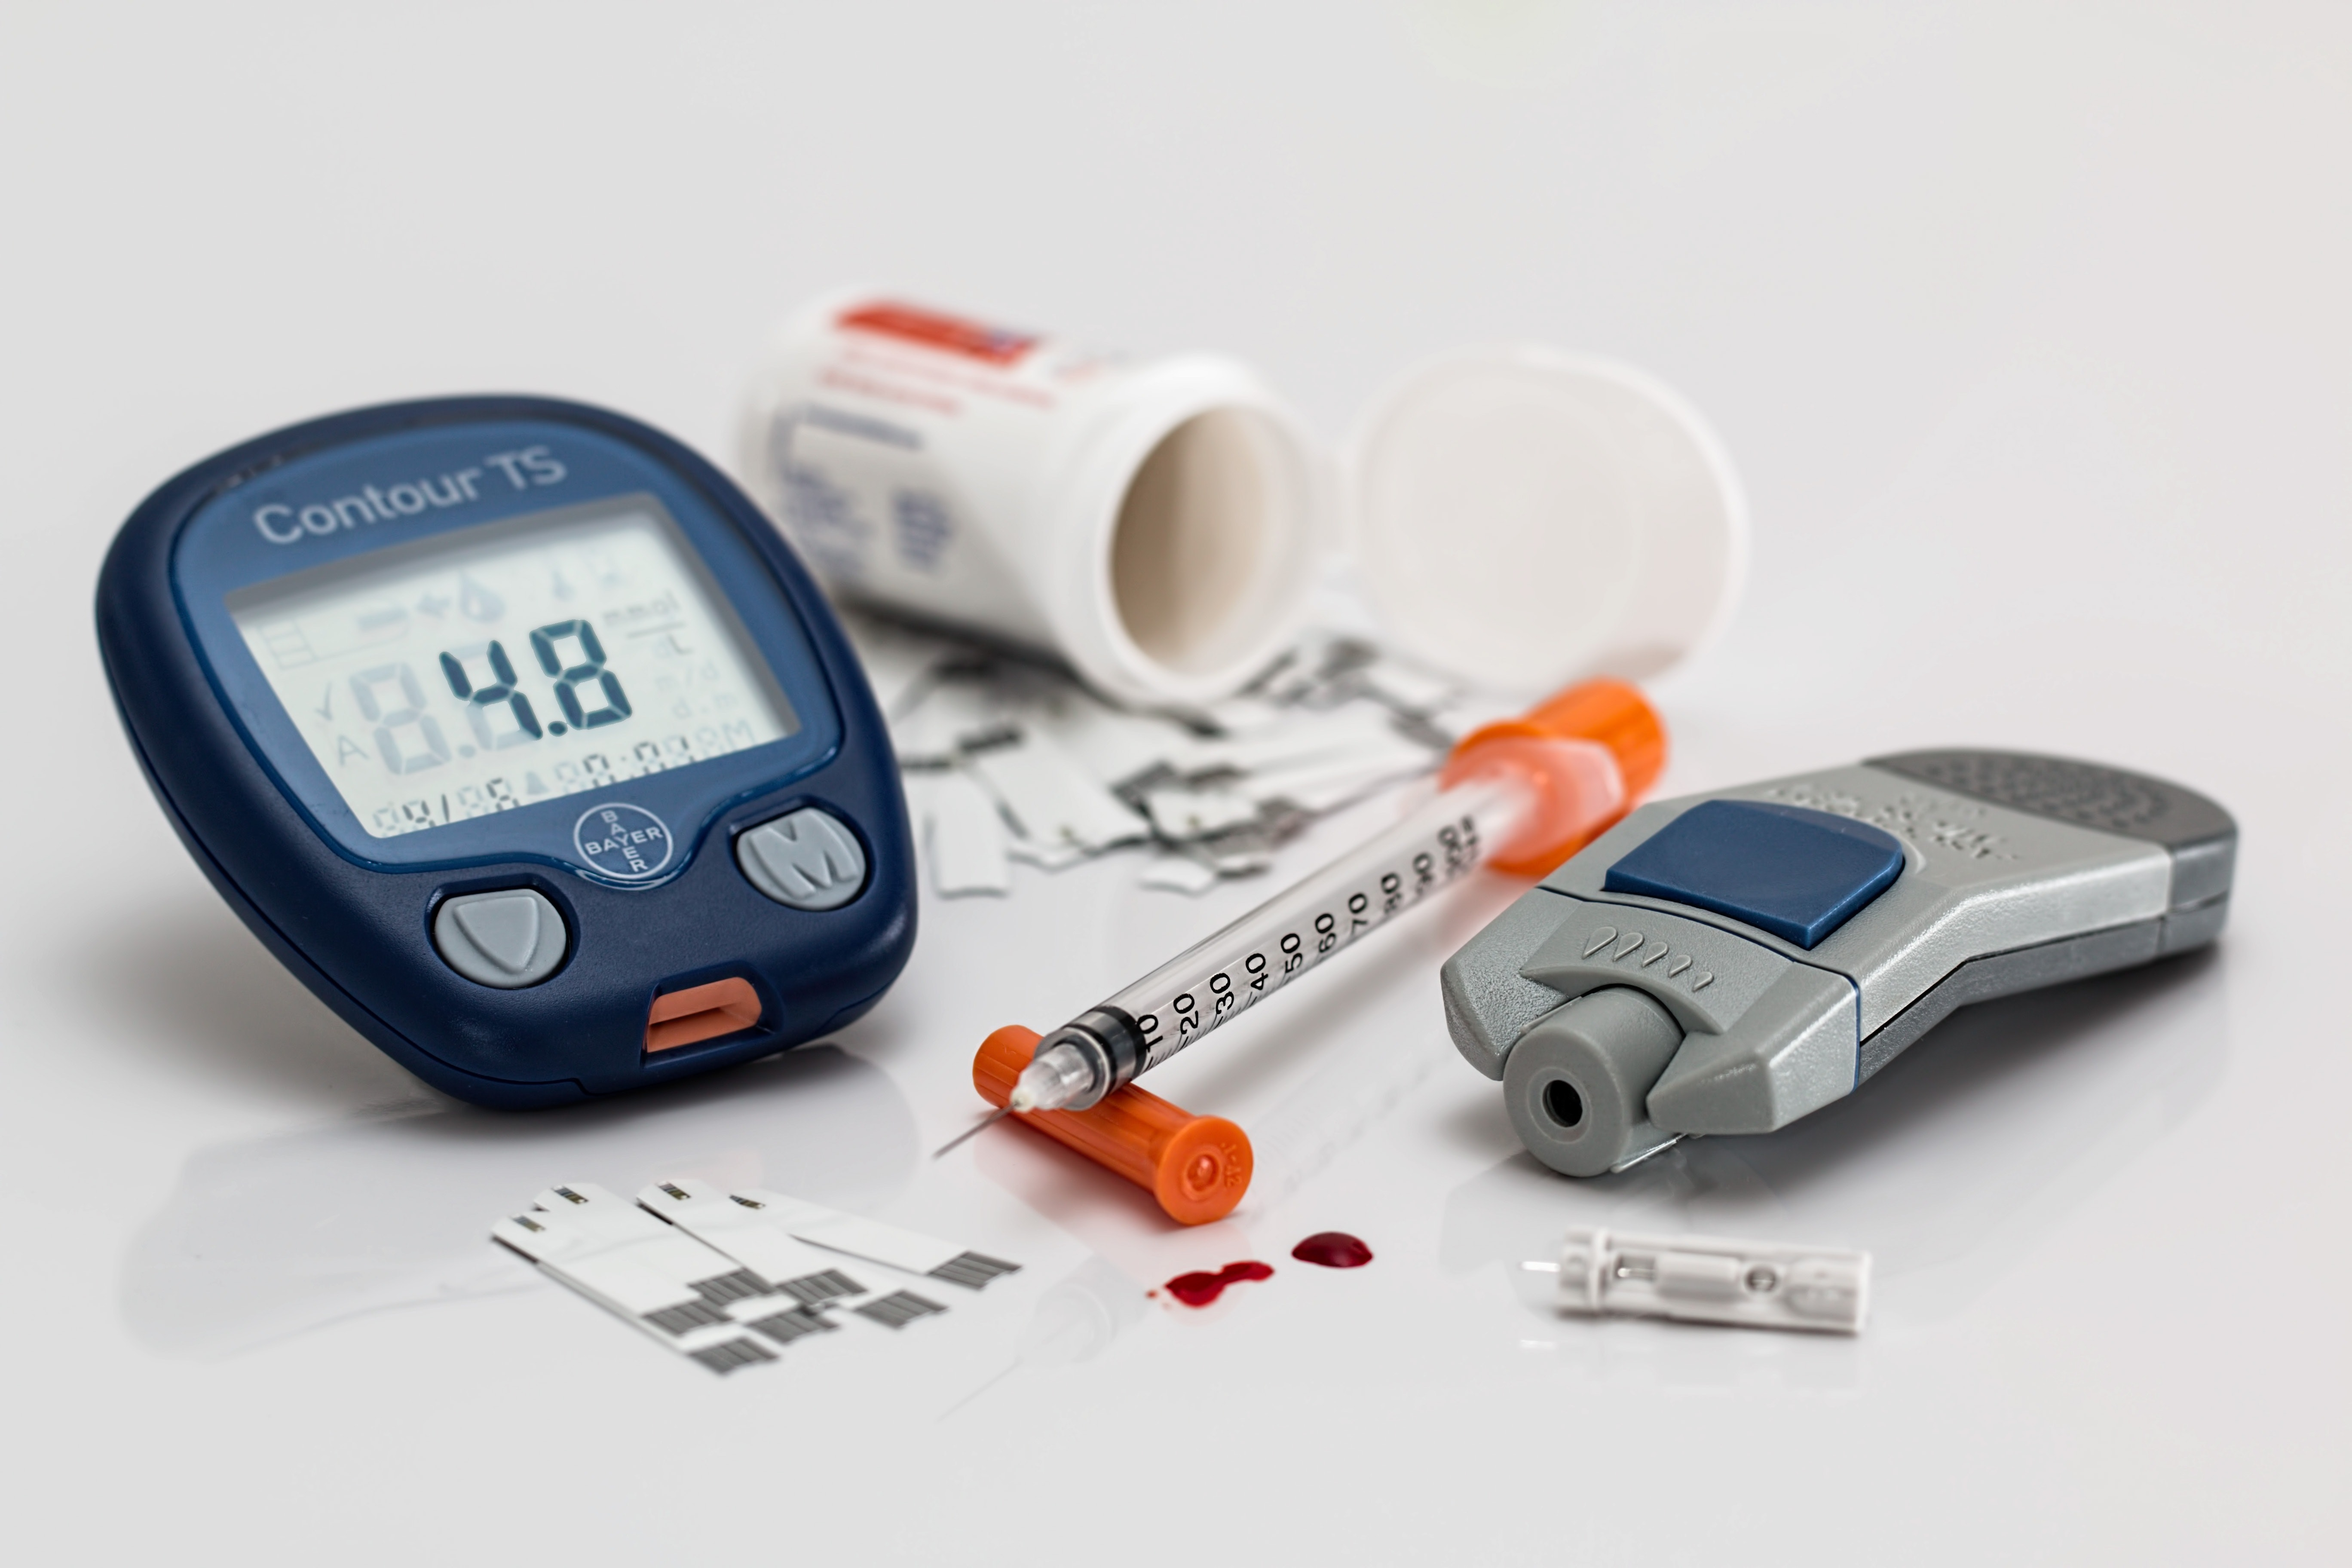 تصویر از پیشبینی دیابت با استفاده از درخت تصمیم «نرمافزار رپیدماینر»